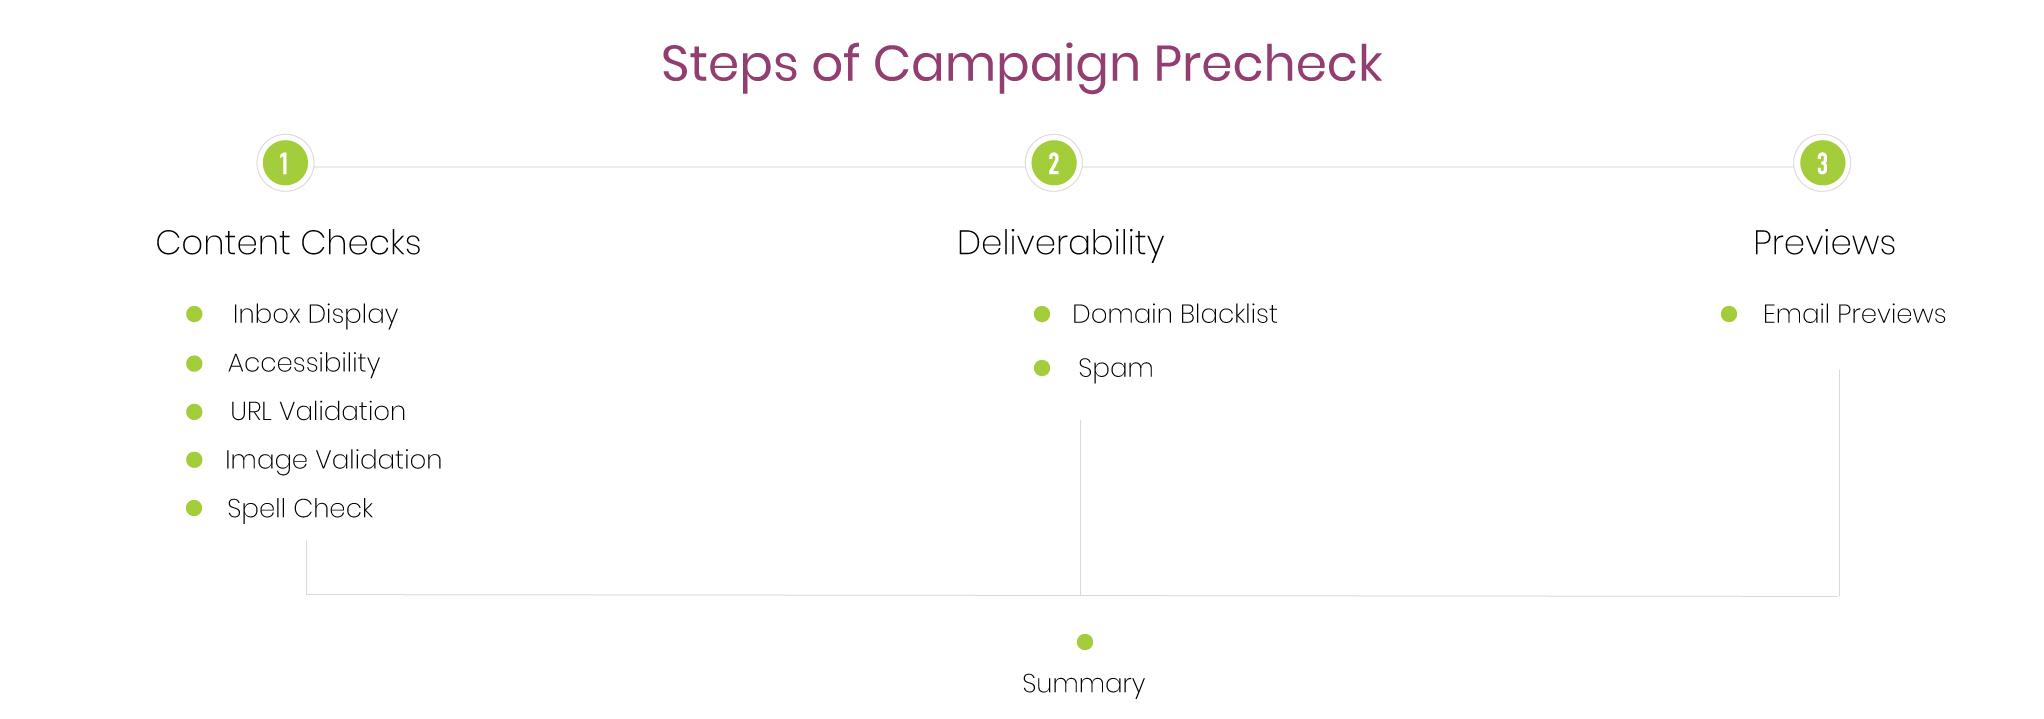 Campaign Precheck Steps